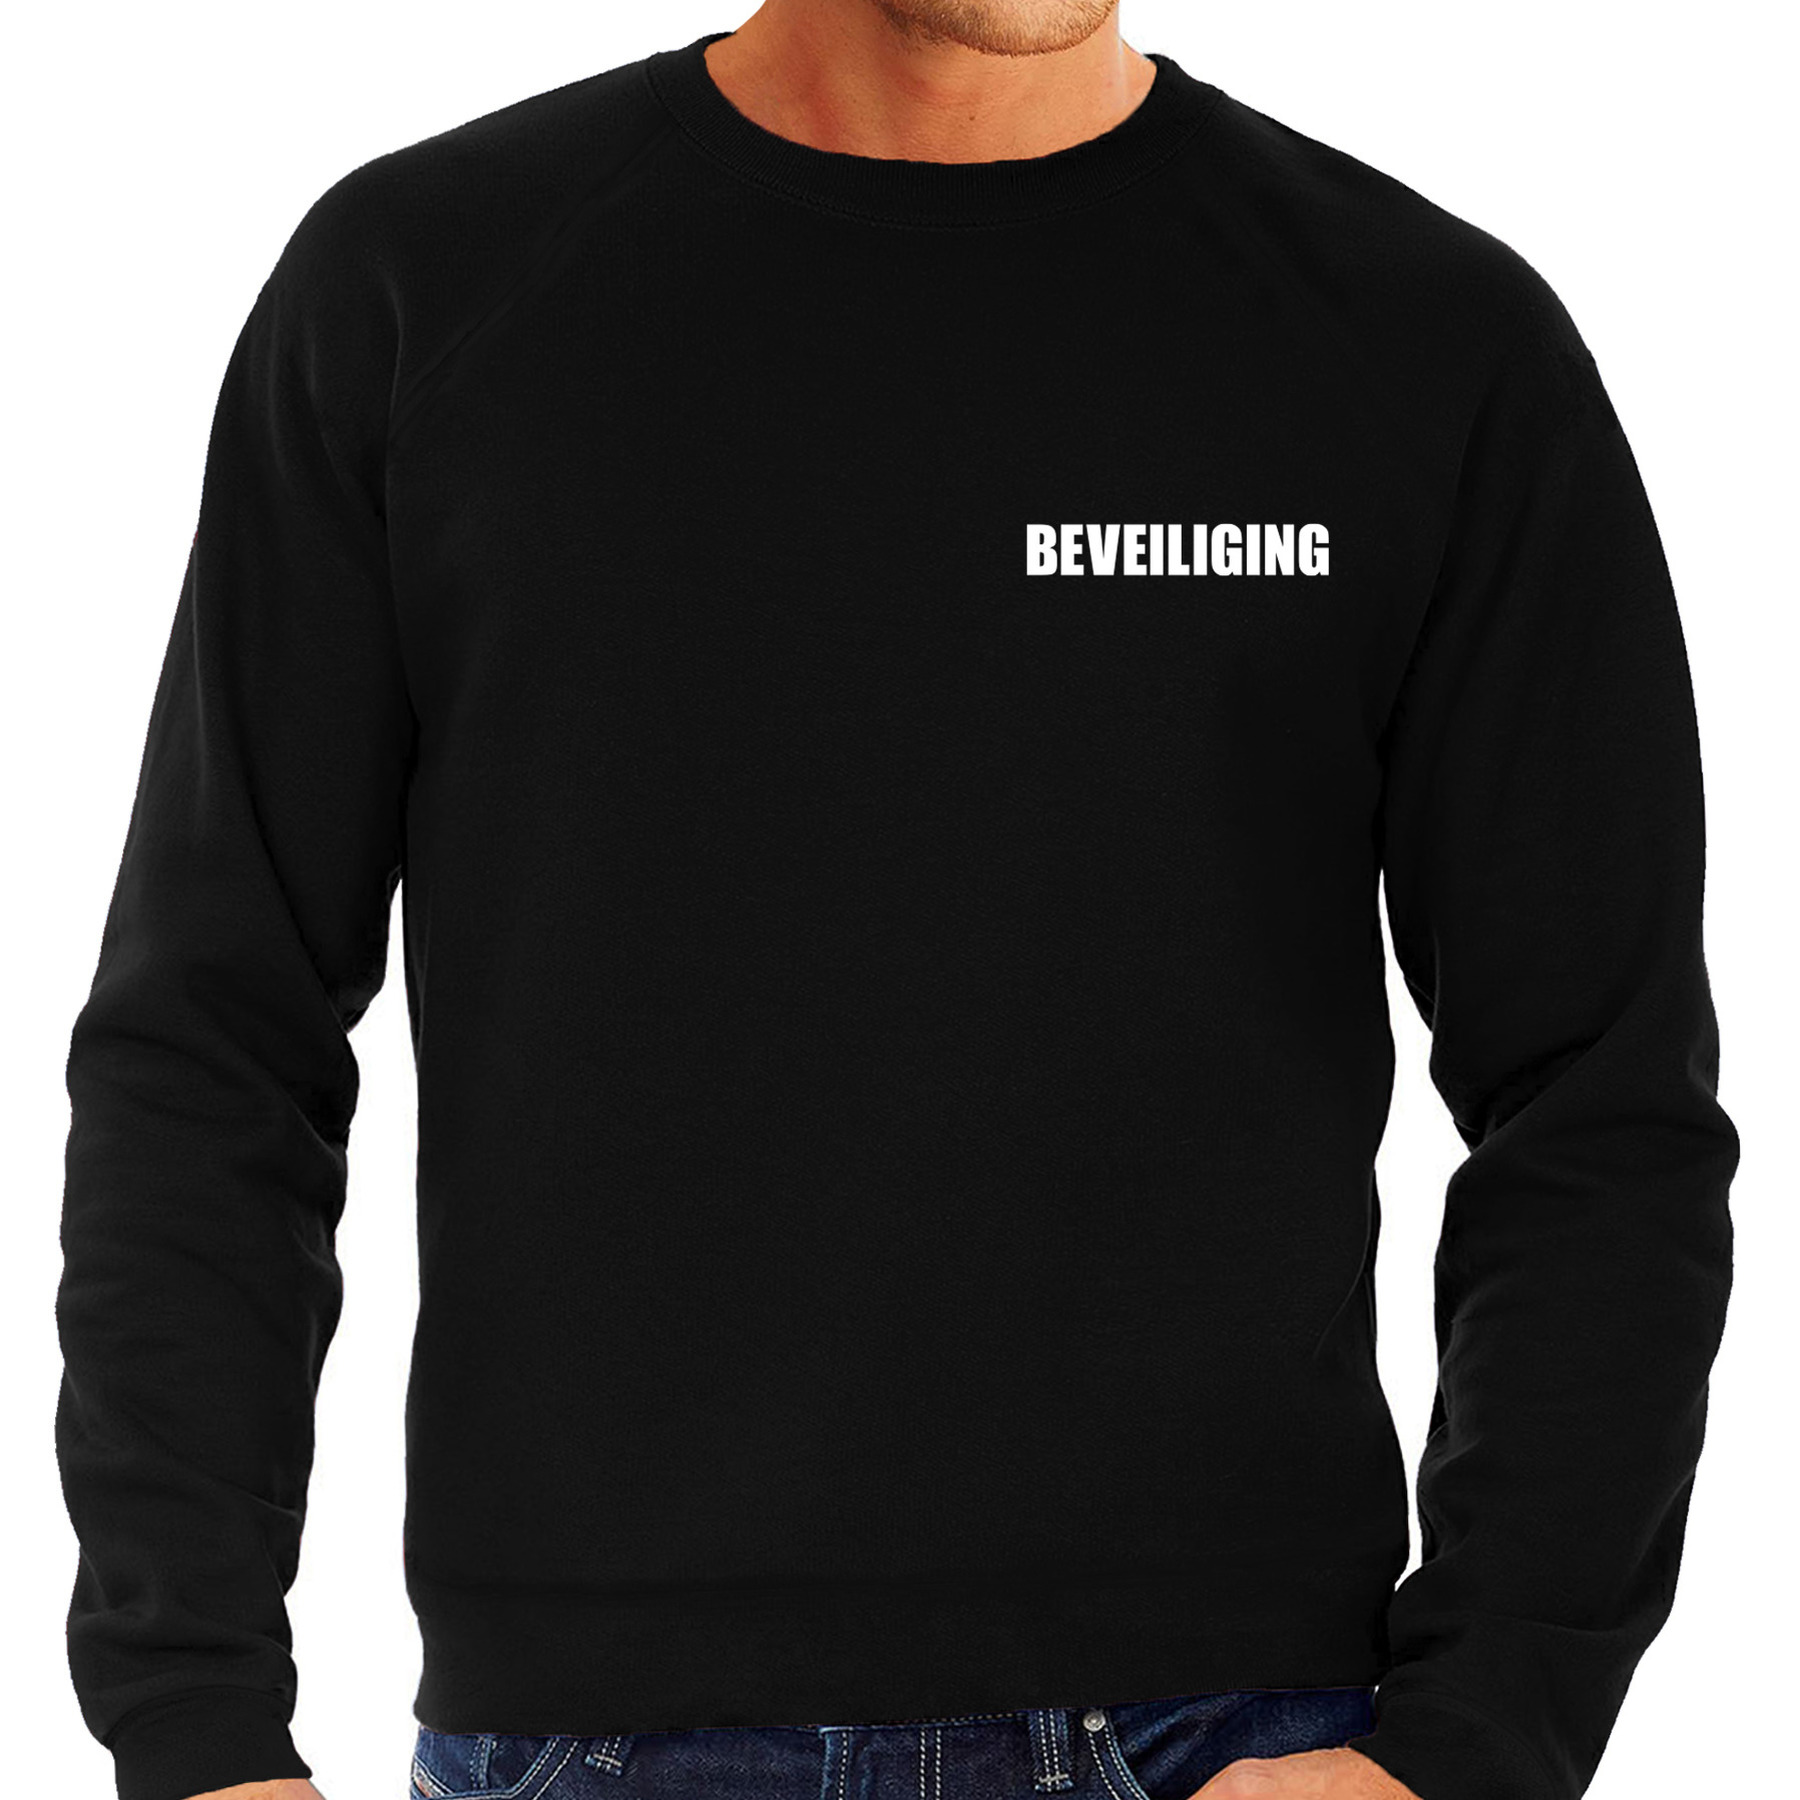 Beveiliging sweater-trui zwart voor heren beveiliger